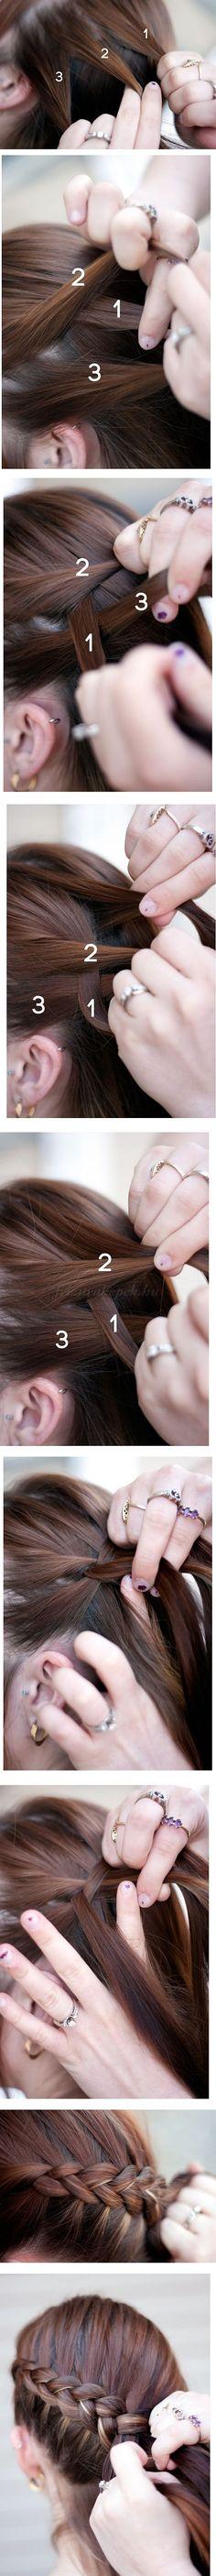 frizurakészítés otthon - Katniss Everdeen frizura (Éhezők viadala film)